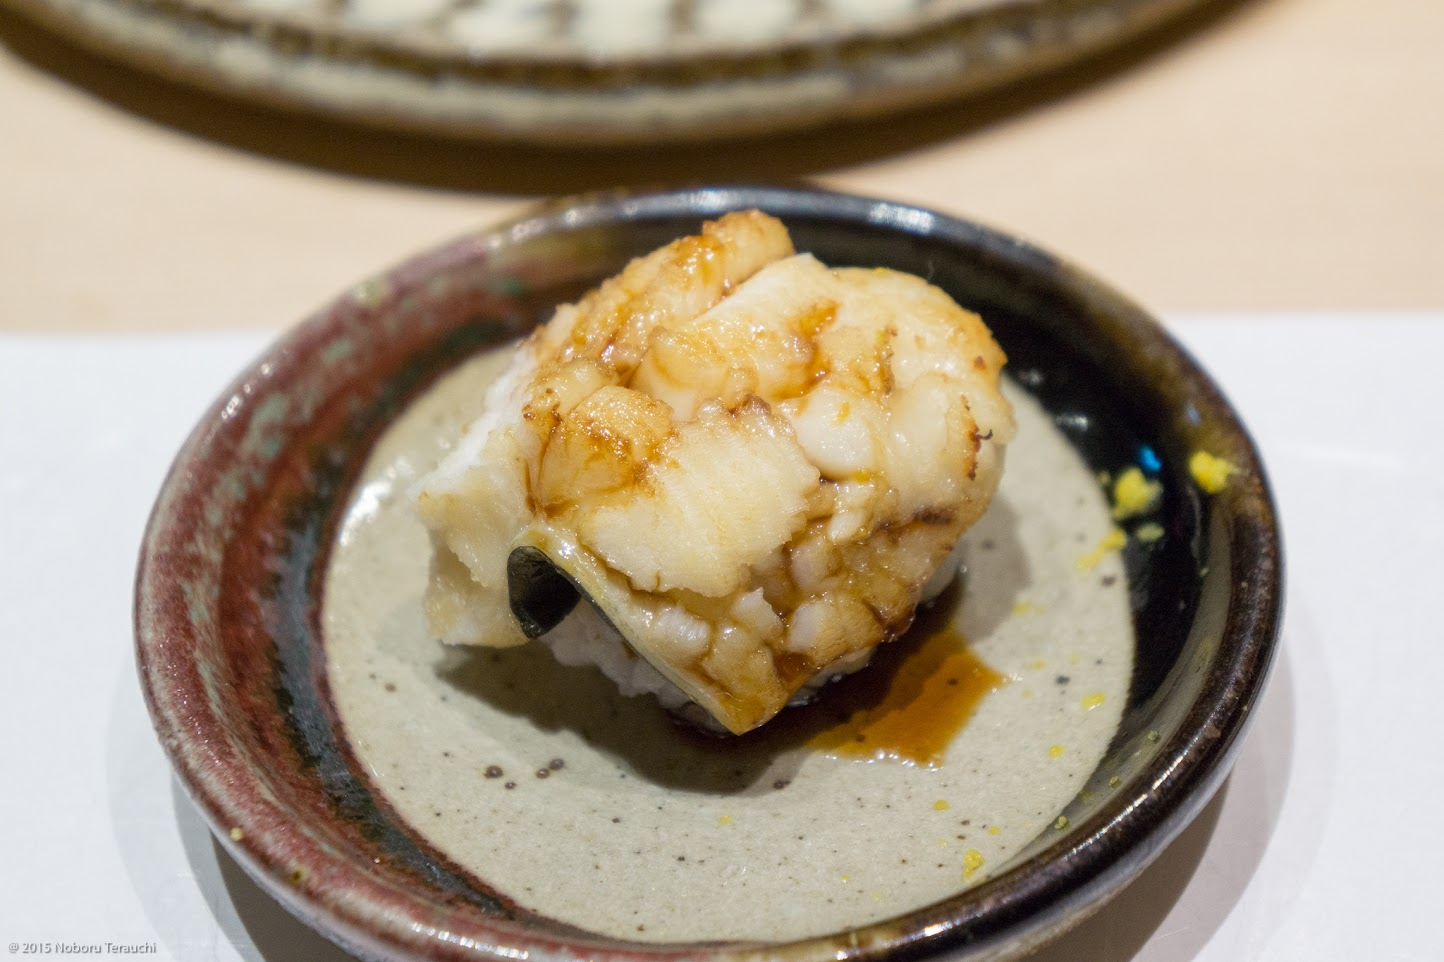 穴子(九州産)甘辛醤油ダレ 削り柚子かけ